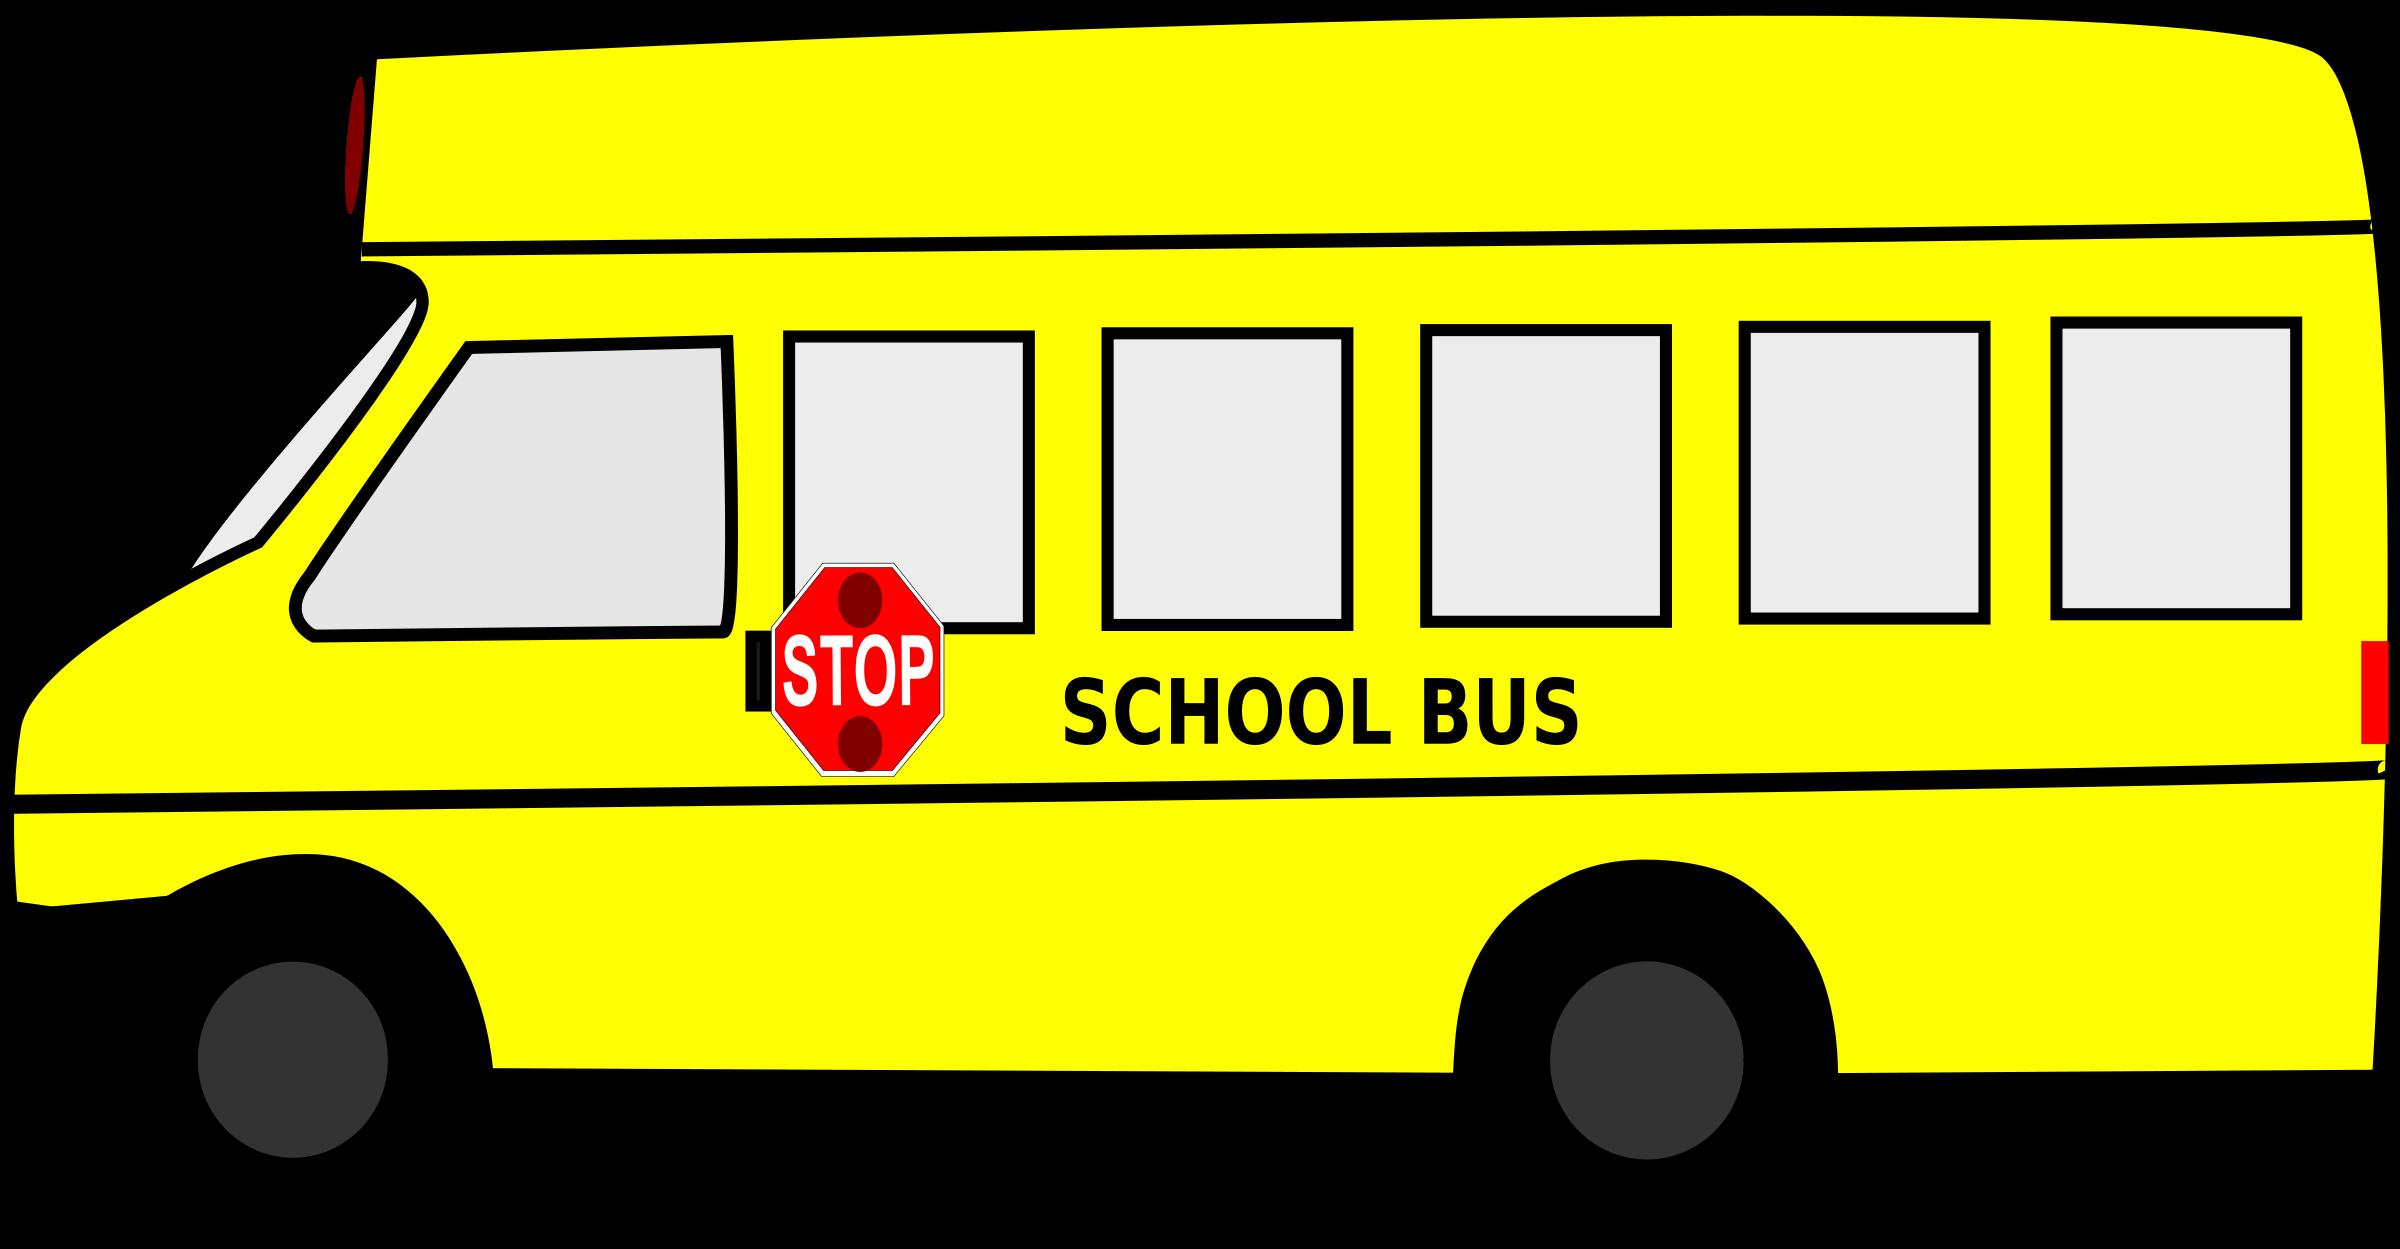 2400x1249 Free Clip Art School Bus Clipart Images 2